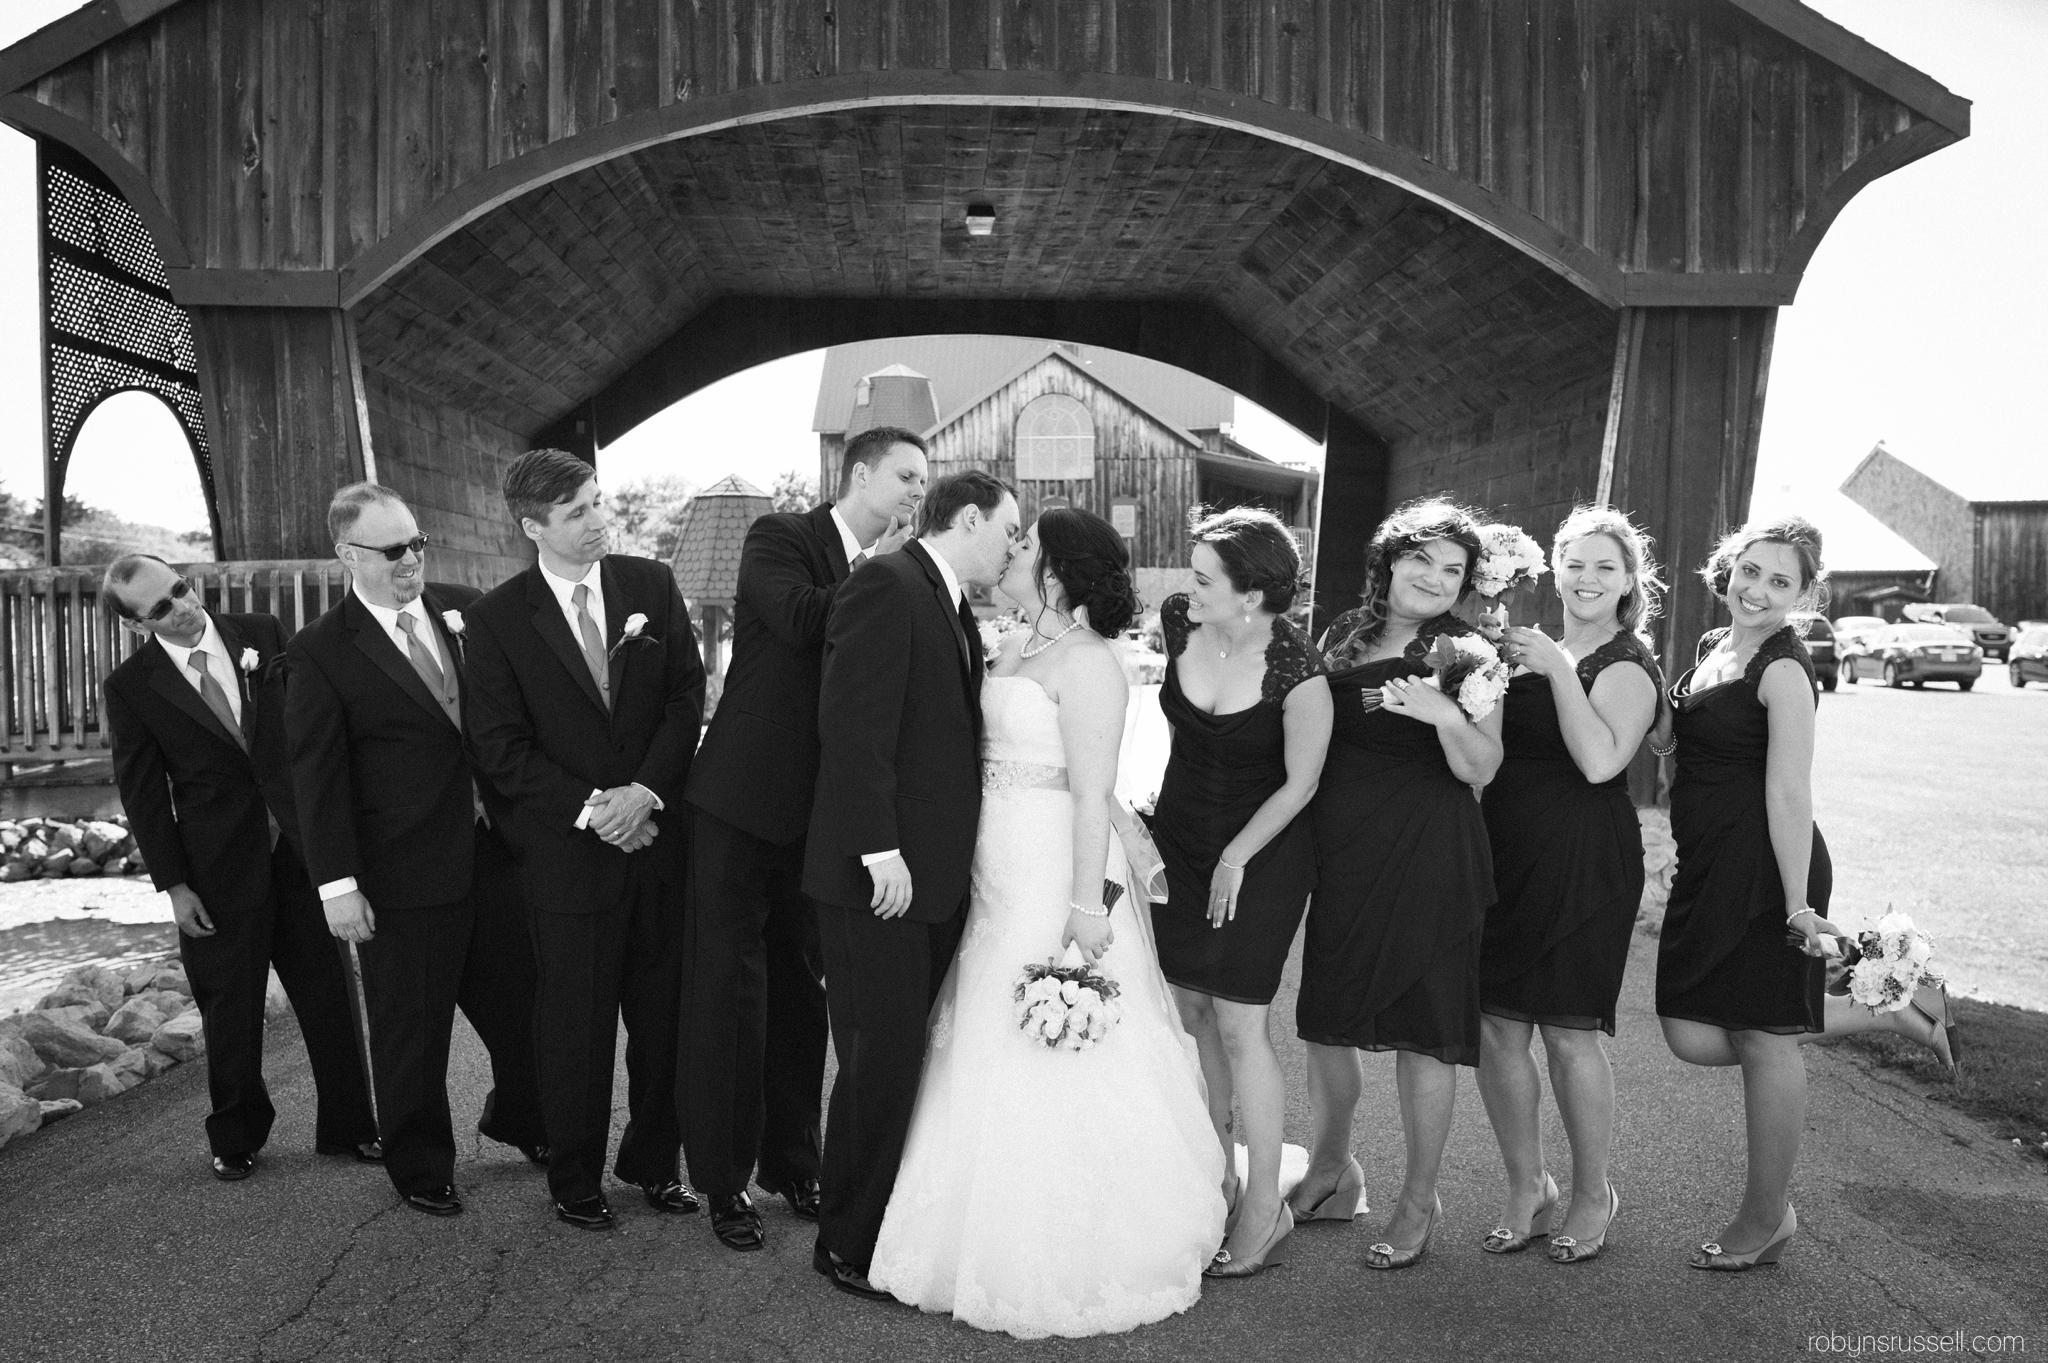 25-bride-and-groom-kissing-under-bridge.jpg